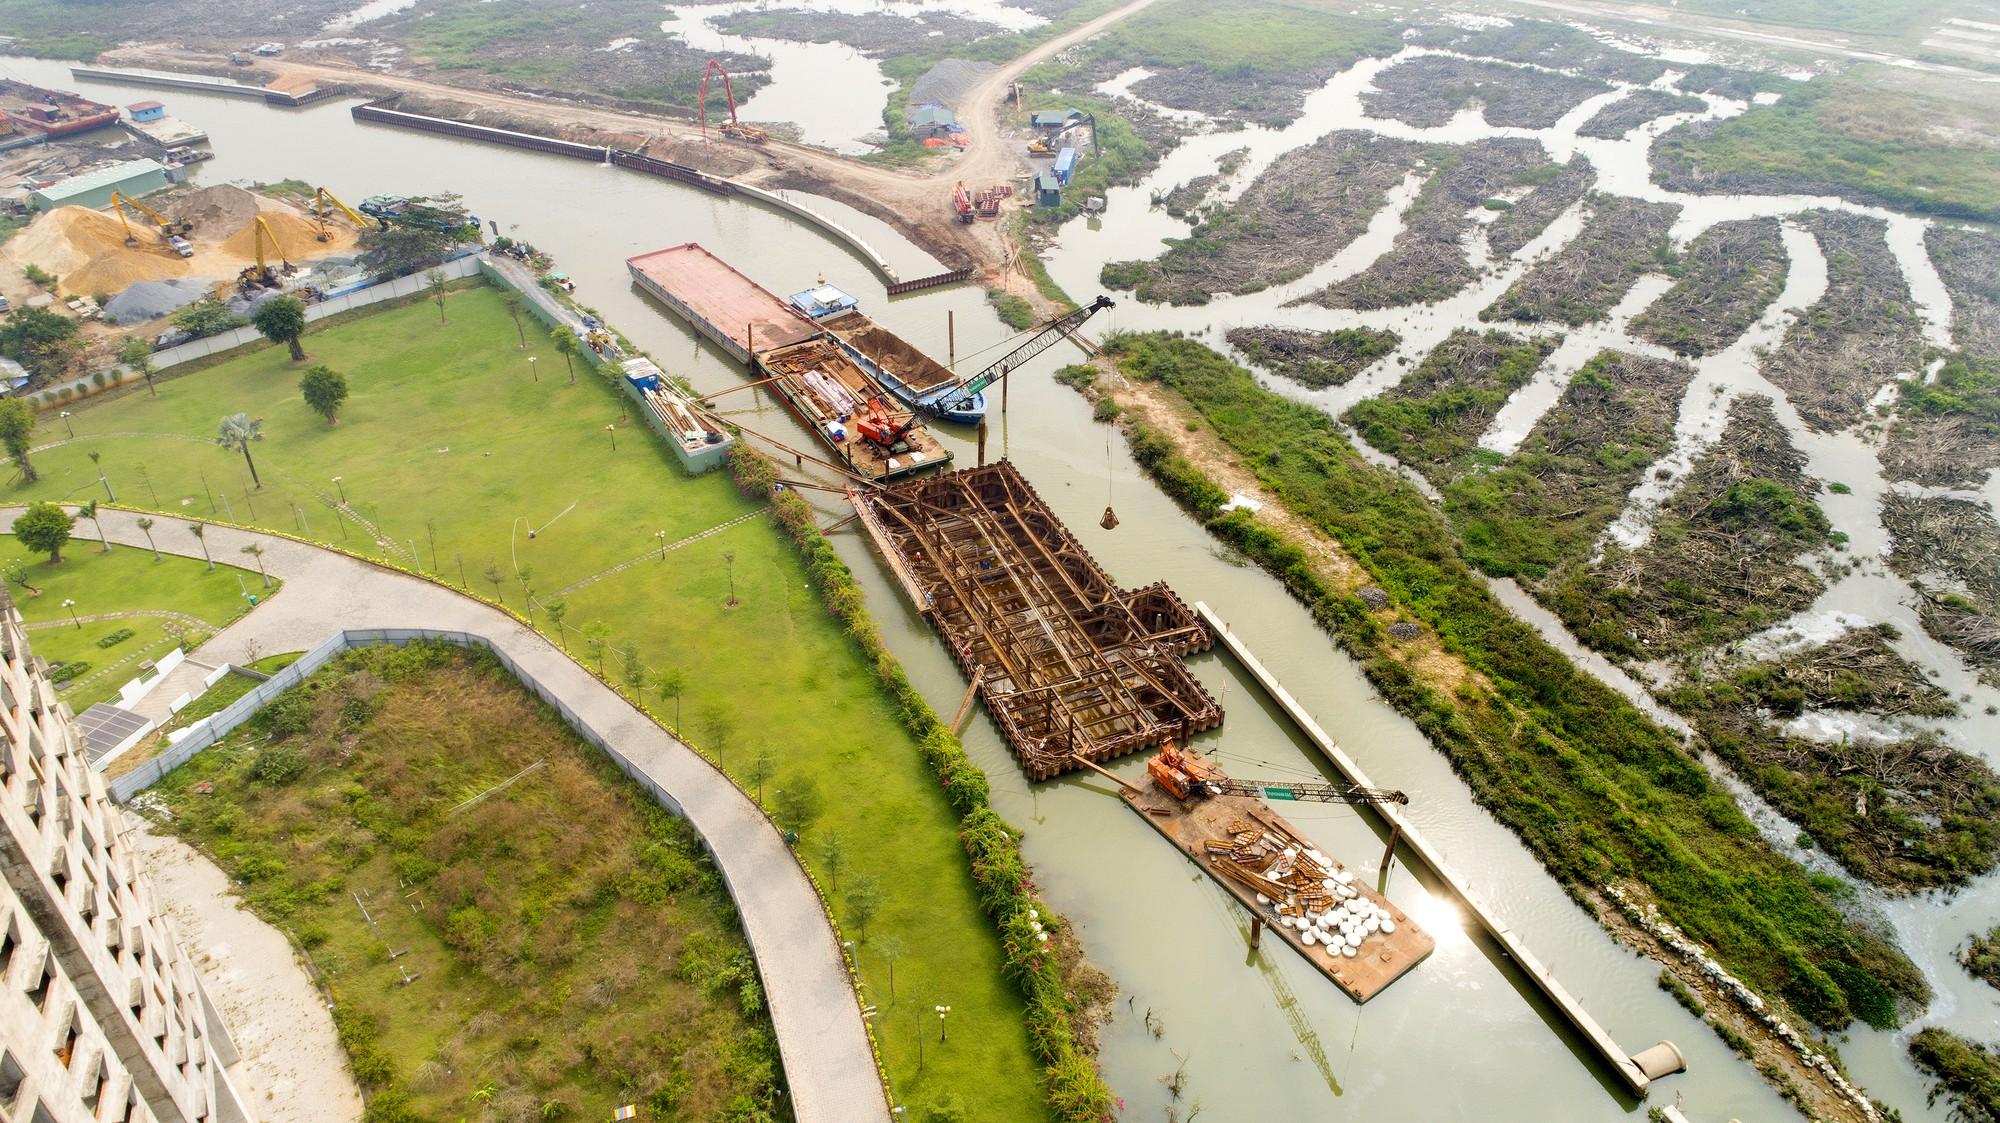 Cận cảnh dự án chống ngập 10.000 tỷ đồng ở Sài Gòn dừng thi công - Ảnh 10.